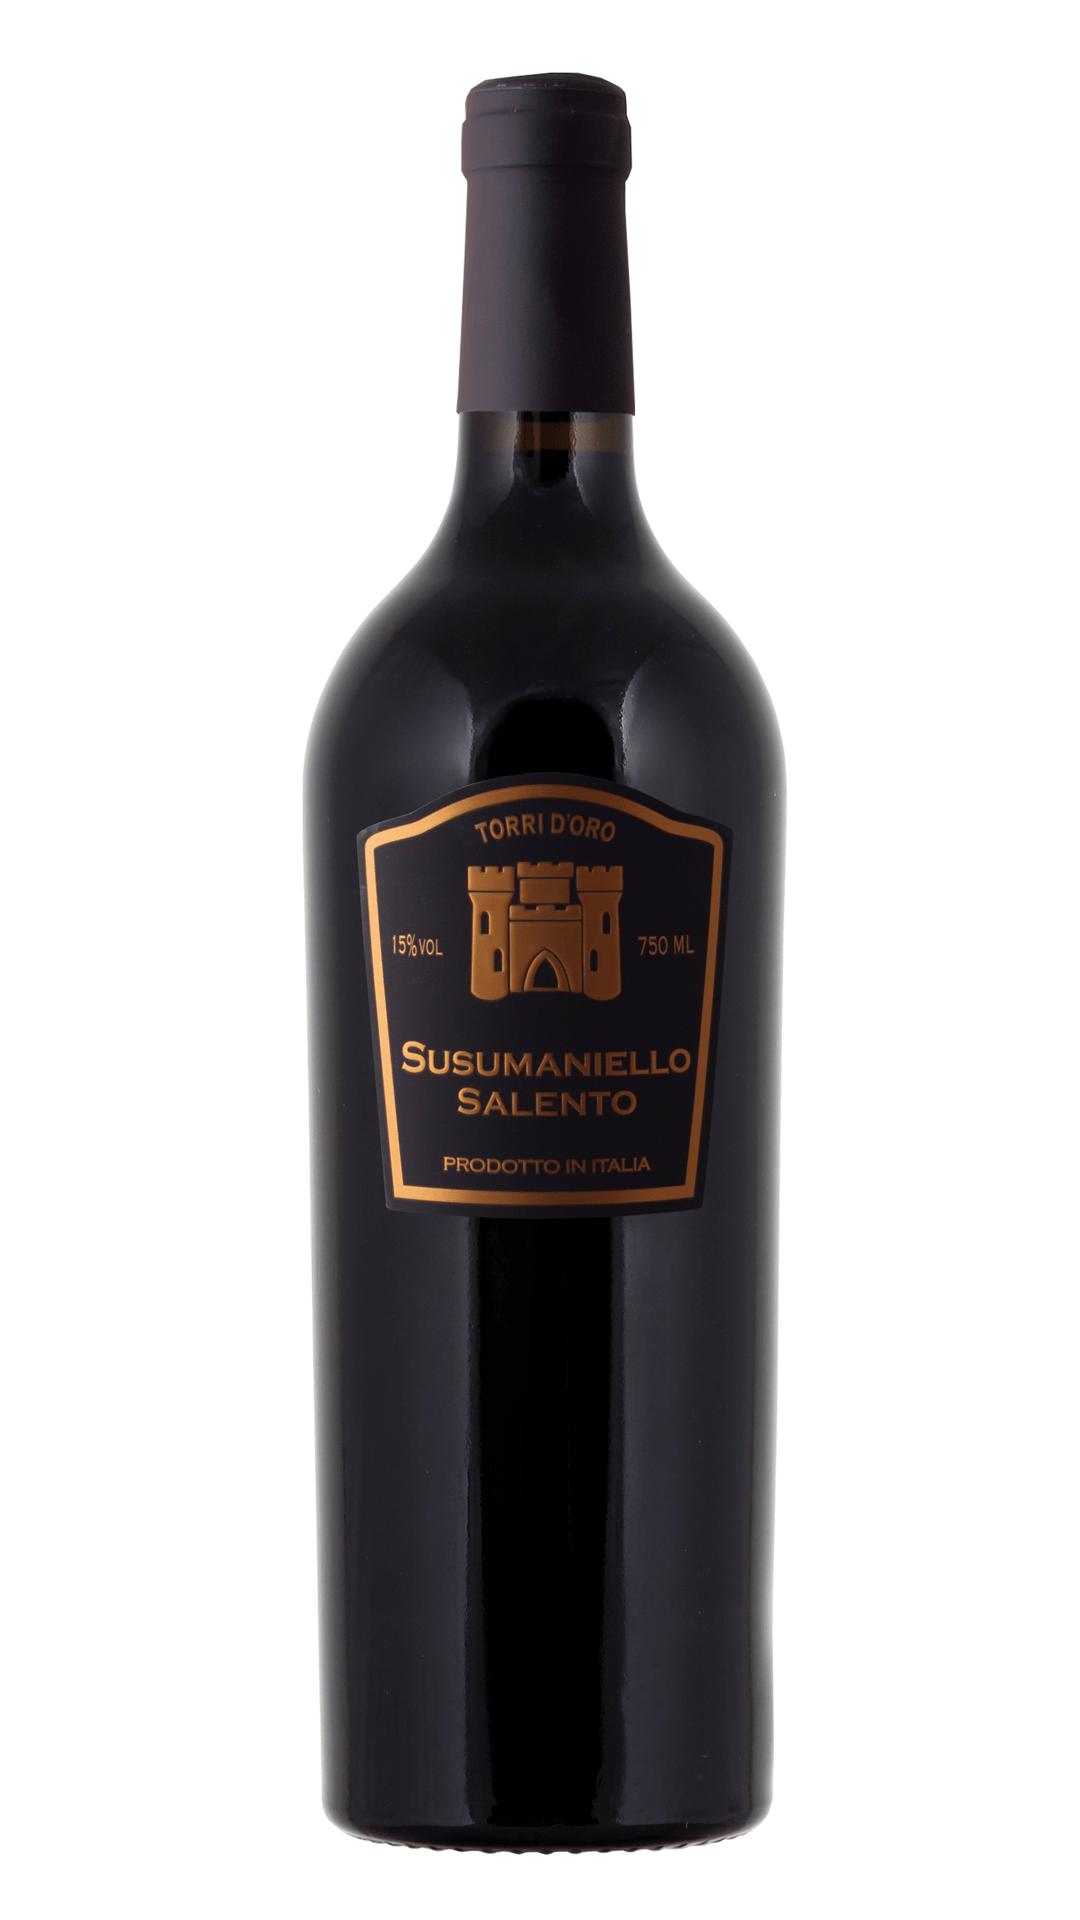 Susumaniello-Salento-I.G.T.-Torri-D-Oro